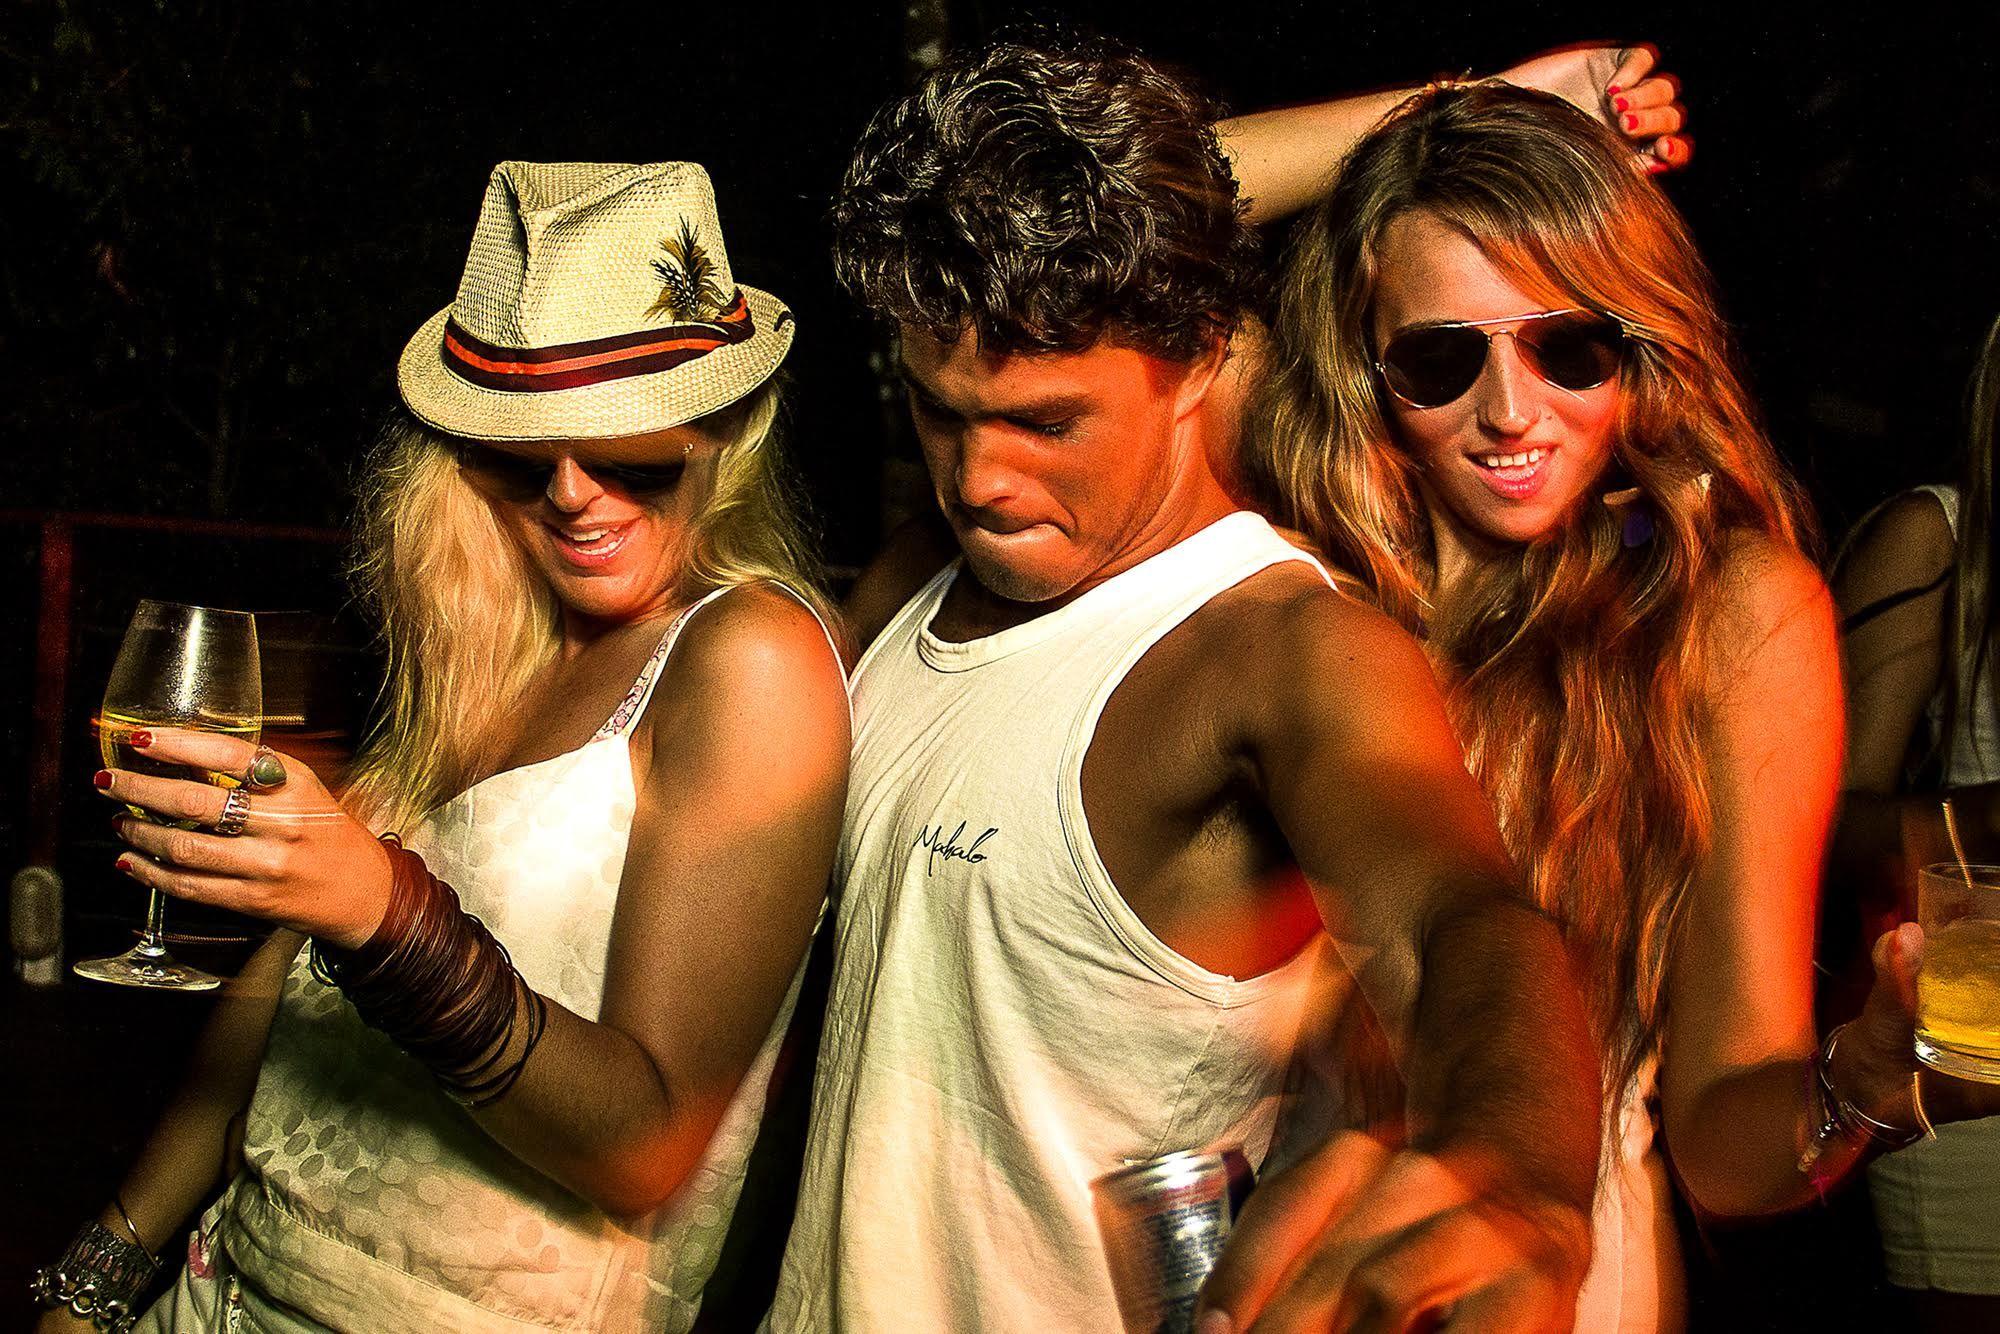 Boom argentino en uno de los lugares más bellos de Brasil